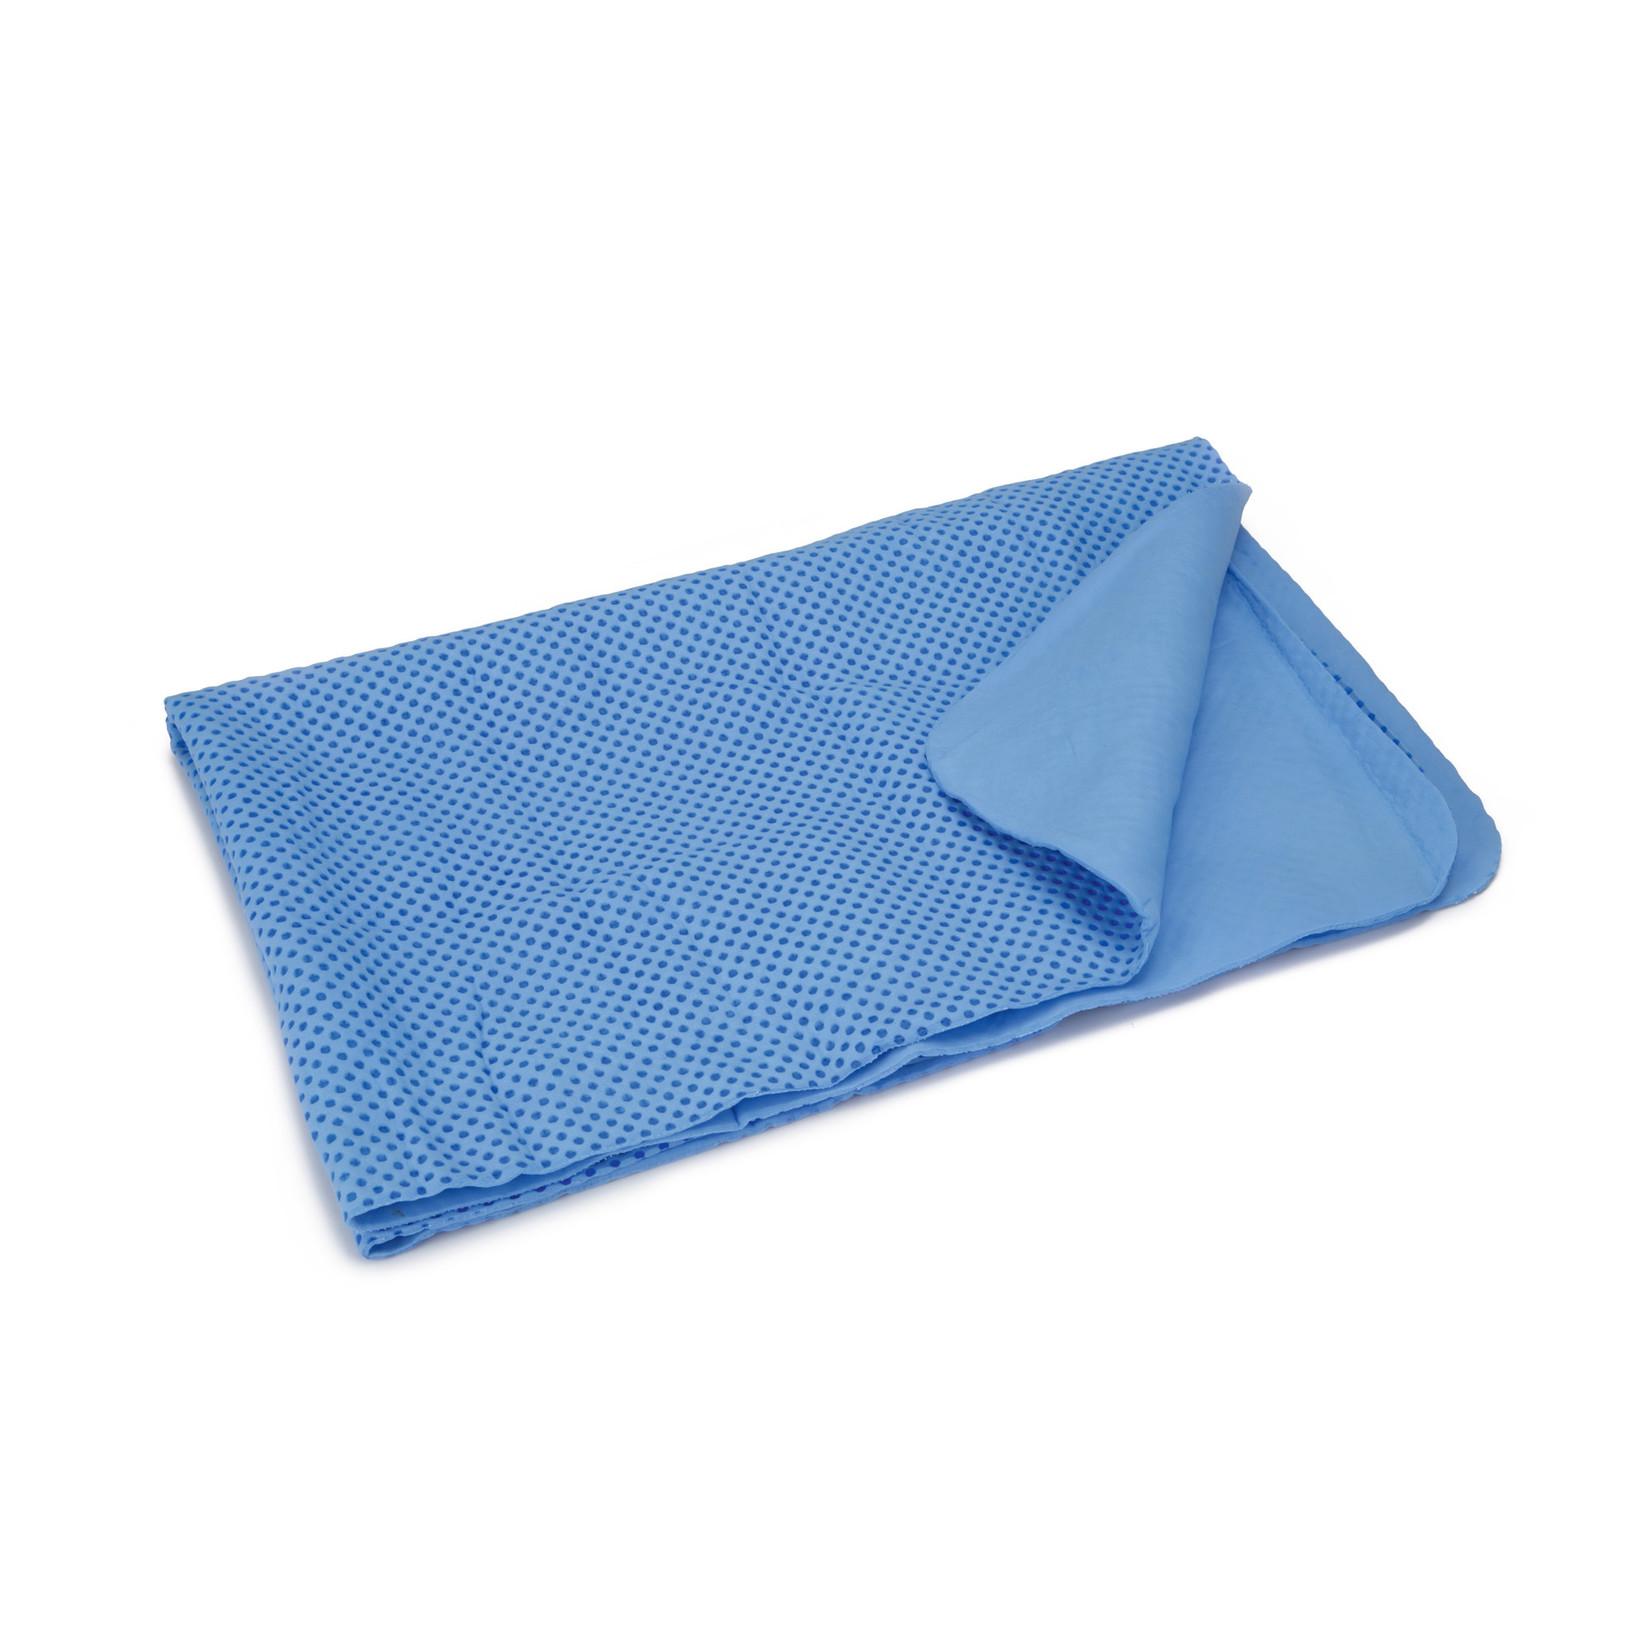 Beeztees Drooghanddoek Blauw